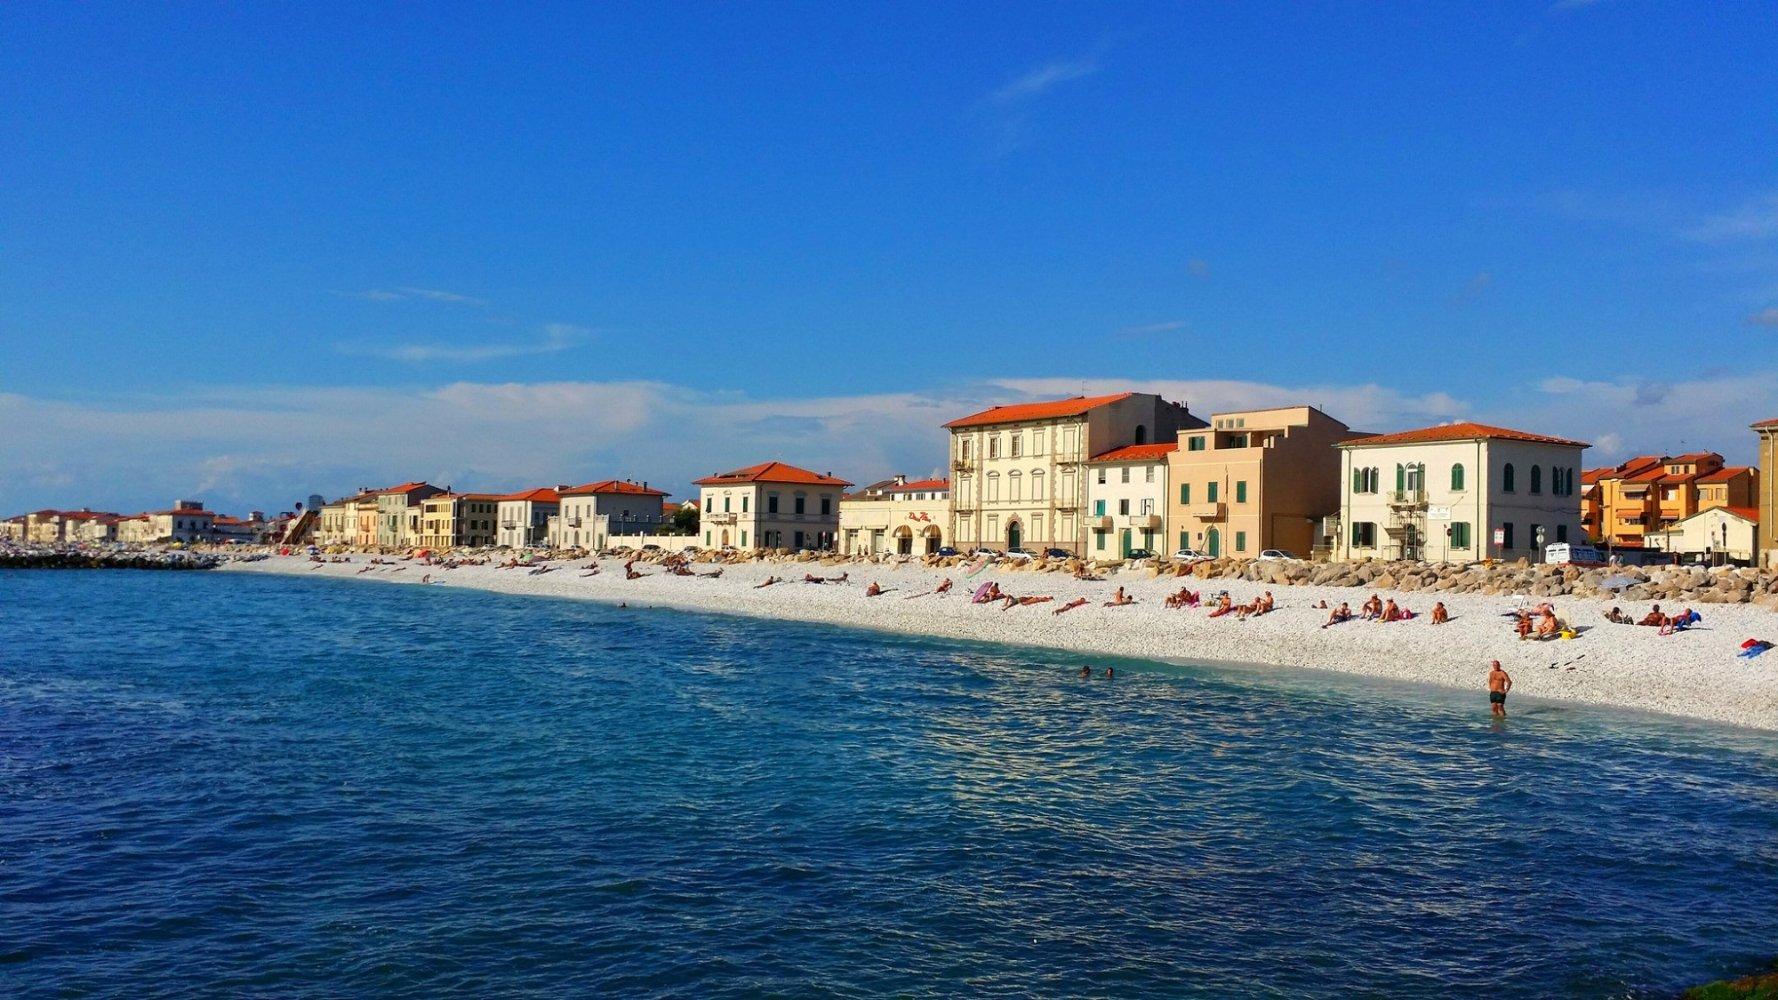 Marina di Pisa Soprano Villas